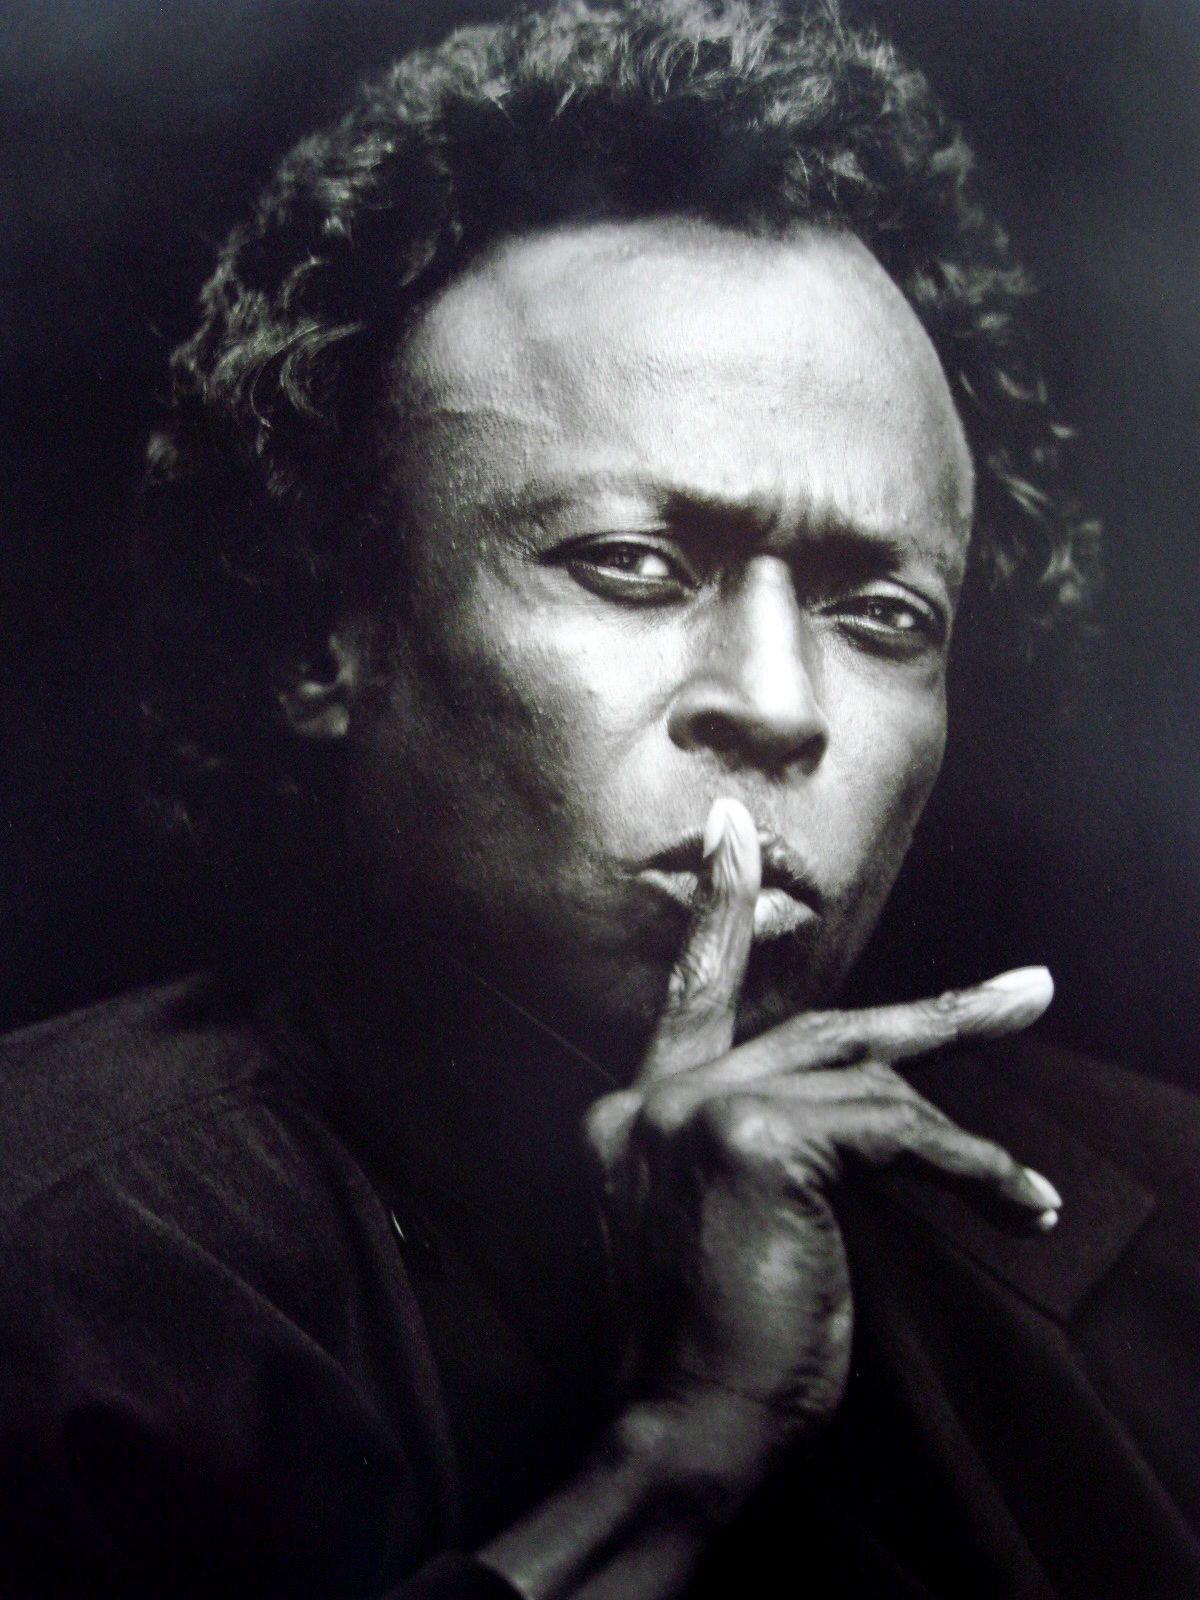 Miles Davis | MILES DEWEY DAVIS JR. – MILES DAVIS | ALL OF JAZZ –